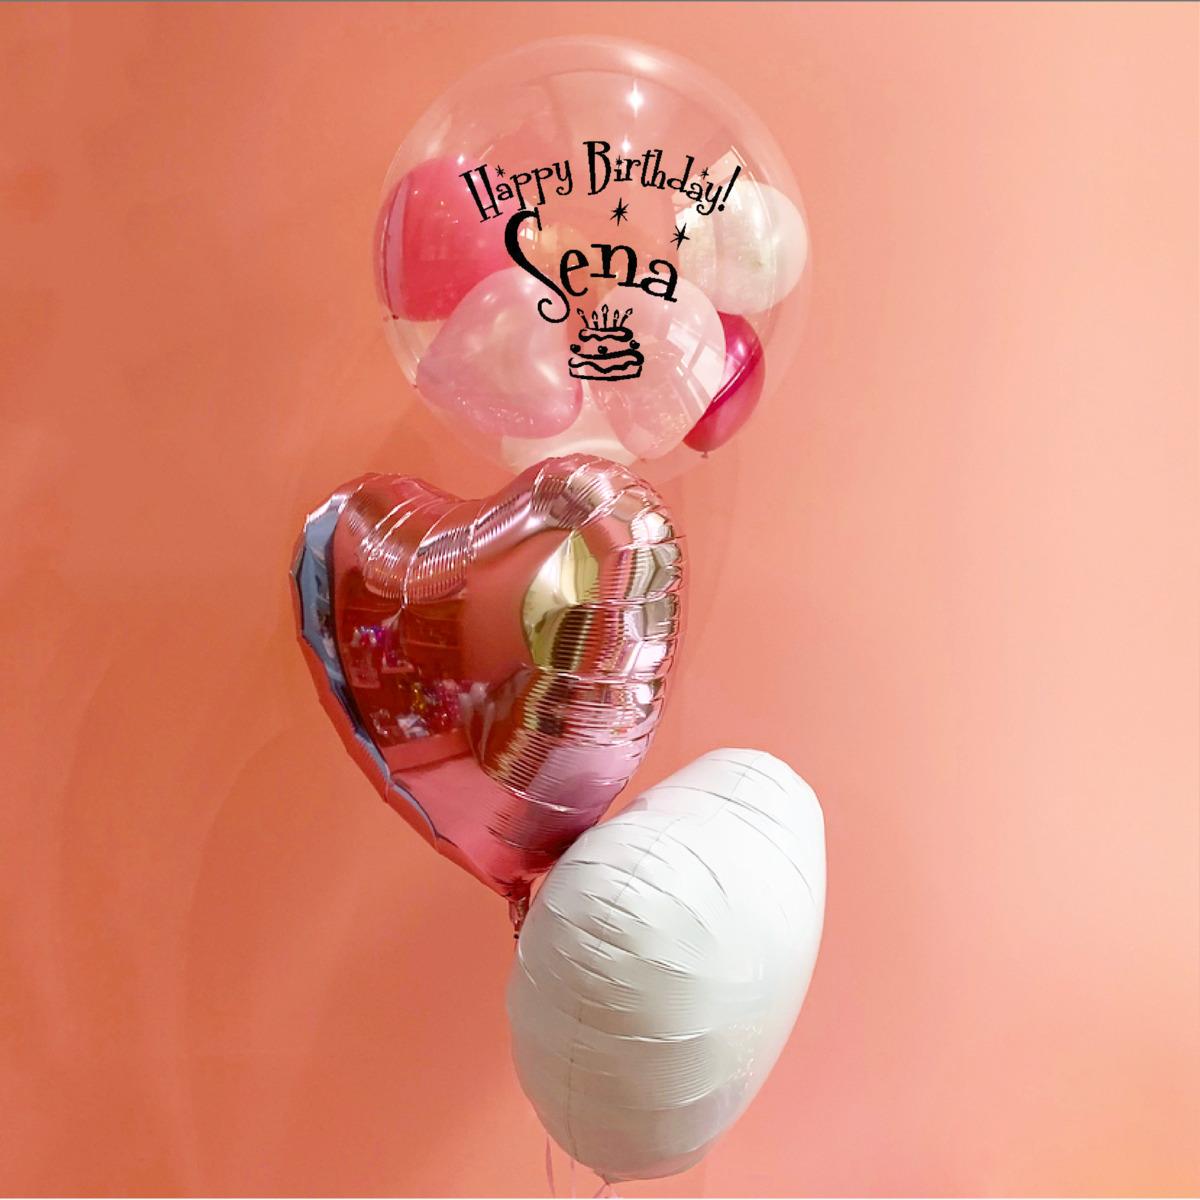 送料無料 お名前が入れられる☆特別な贈り物バルーン ピンク ホワイト ケーキブーケ seragirl セラガール バルーン バースデー ベビー 風船 新品 スマイル 特価キャンペーン 子供 キッズ 女の子 お誕生日 お祝い 男の子